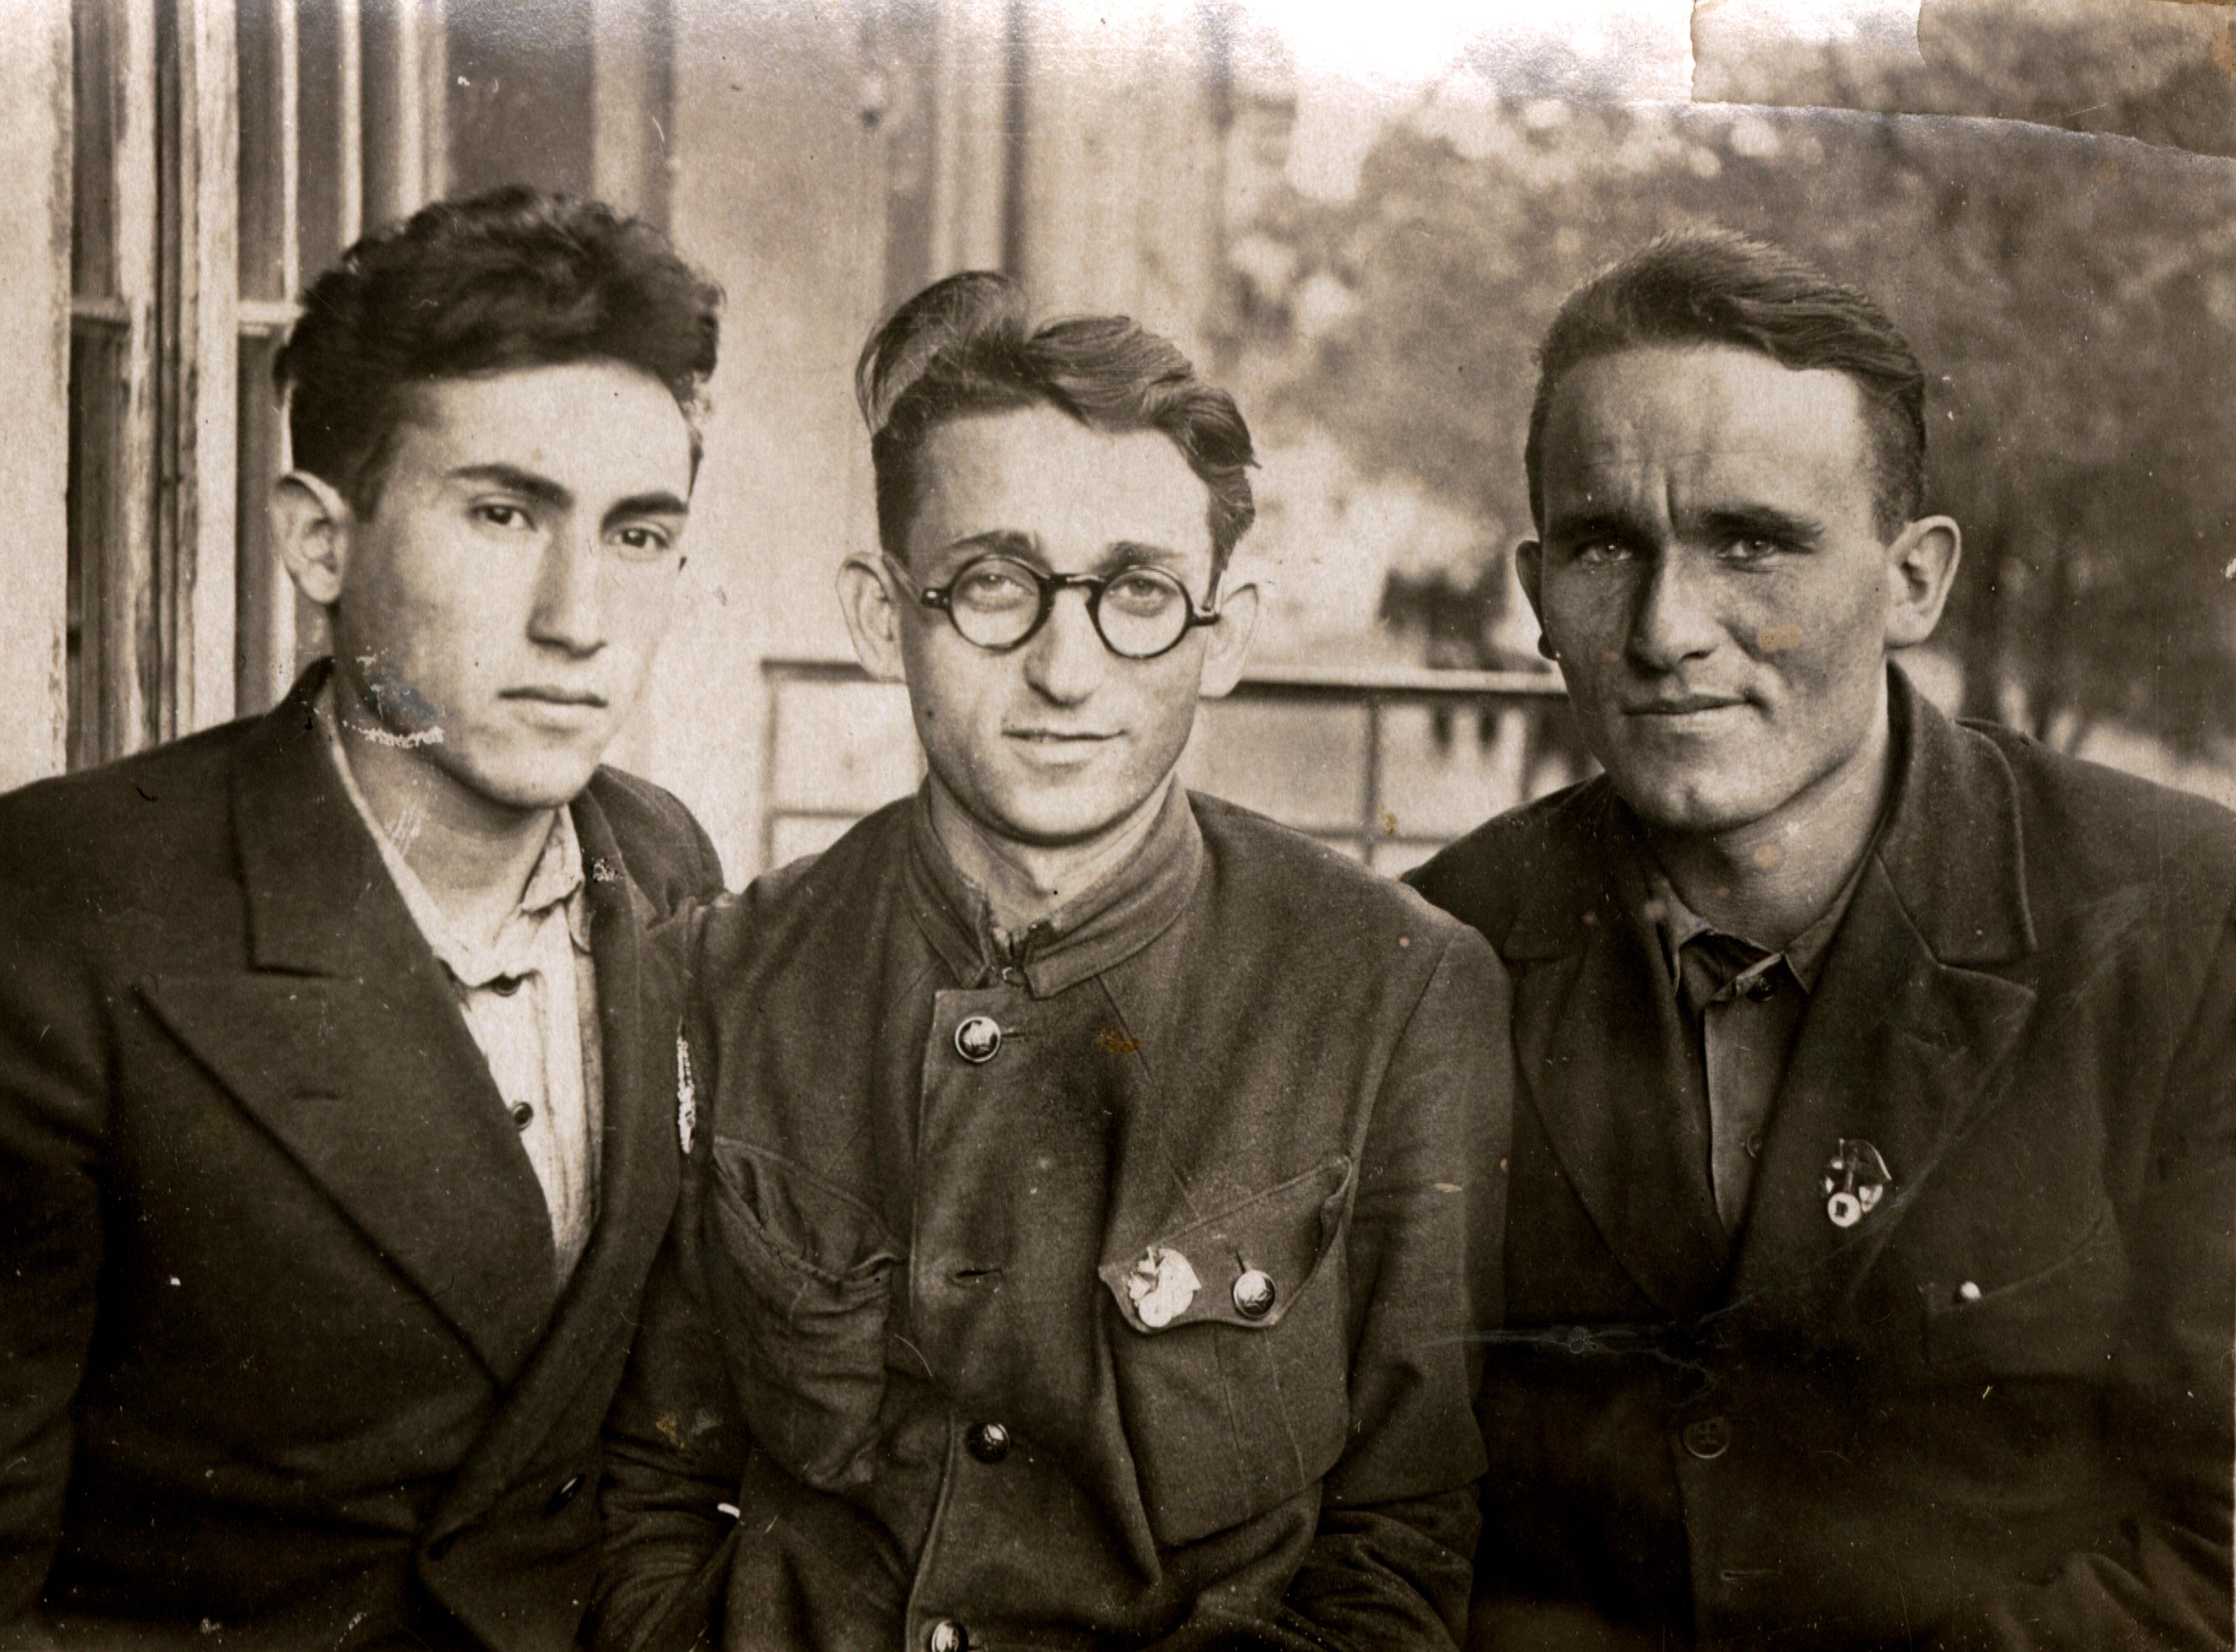 Meyer Goldstein with his Jewish friends